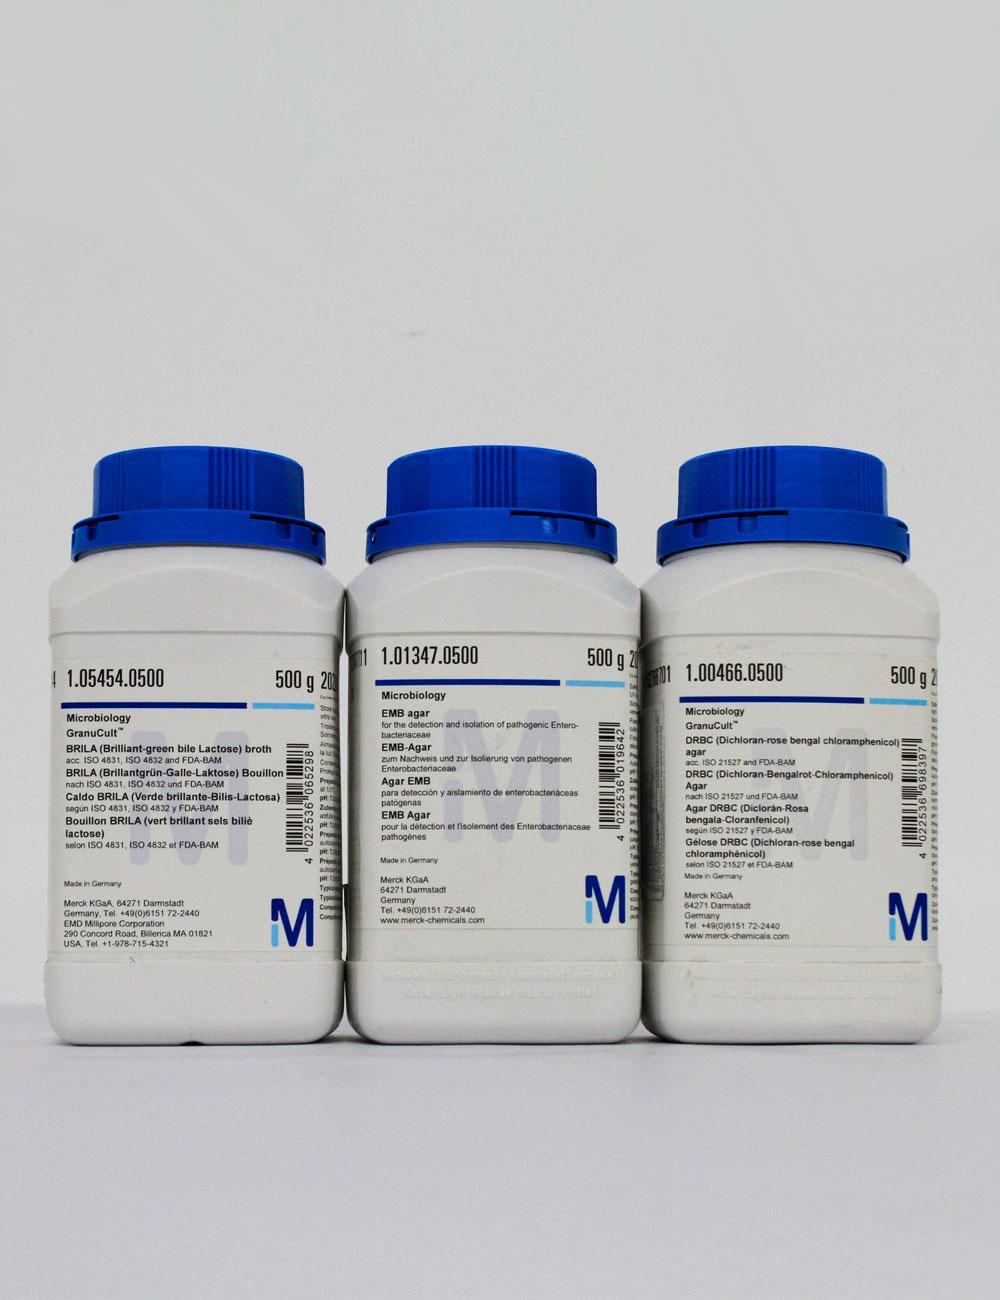 Thạch Slanetz and Bartley (Membrane-filter Enterococcus Selective) Agar